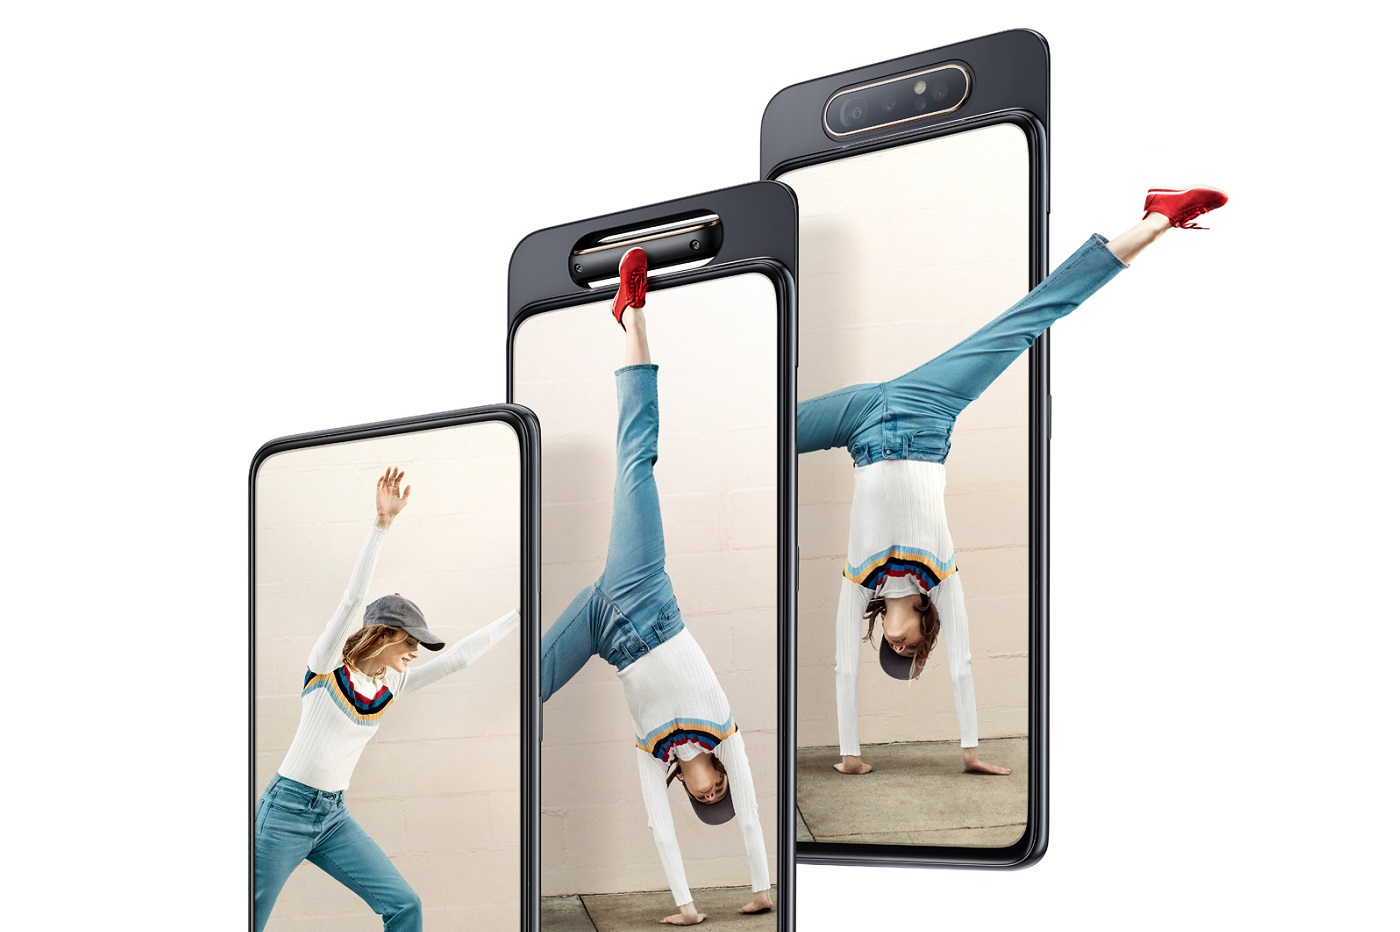 Samsung préparerait quelque chose d'encore plus impressionnant que le Galaxy Fold et le Note 10